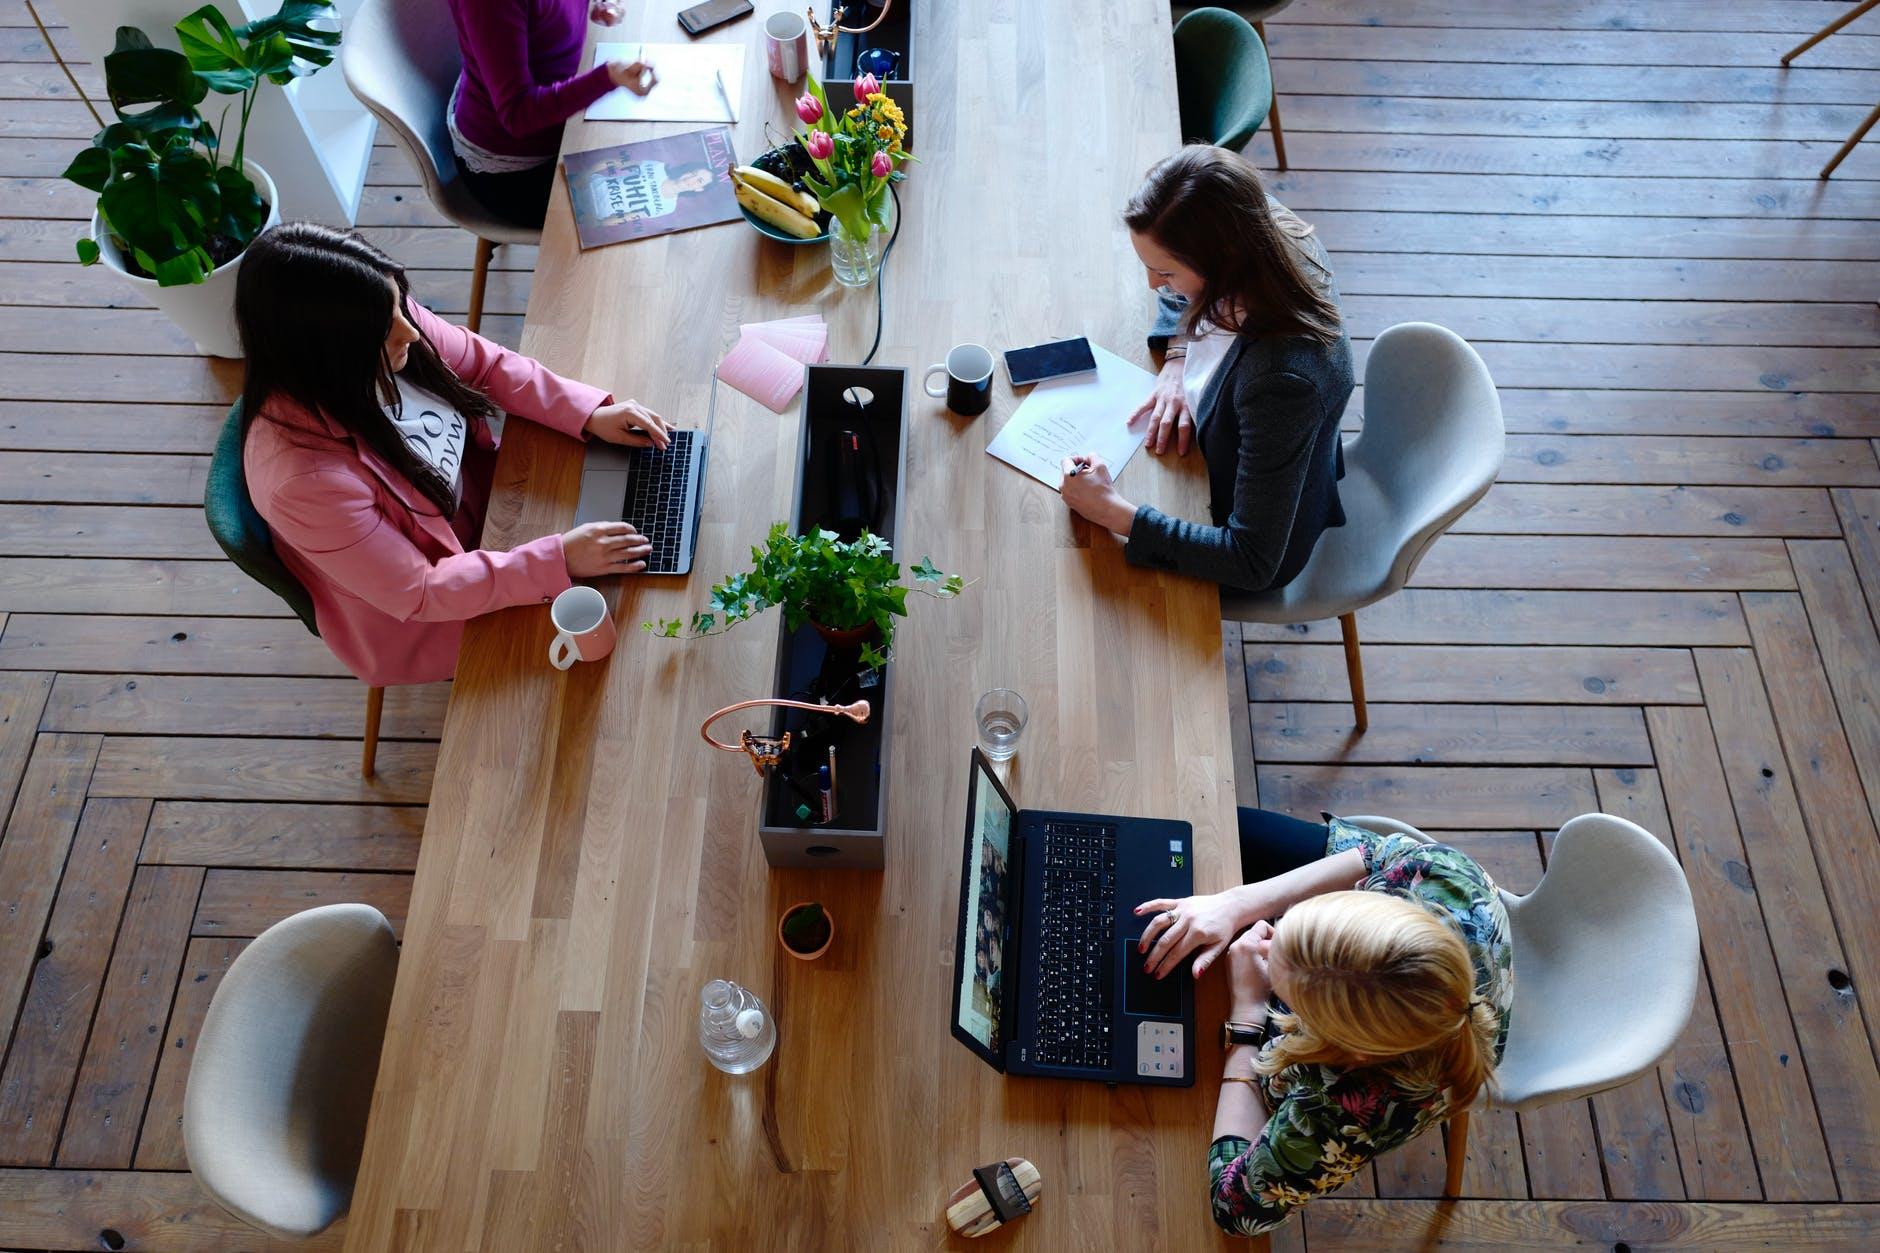 DevDigital celebrates women in technology